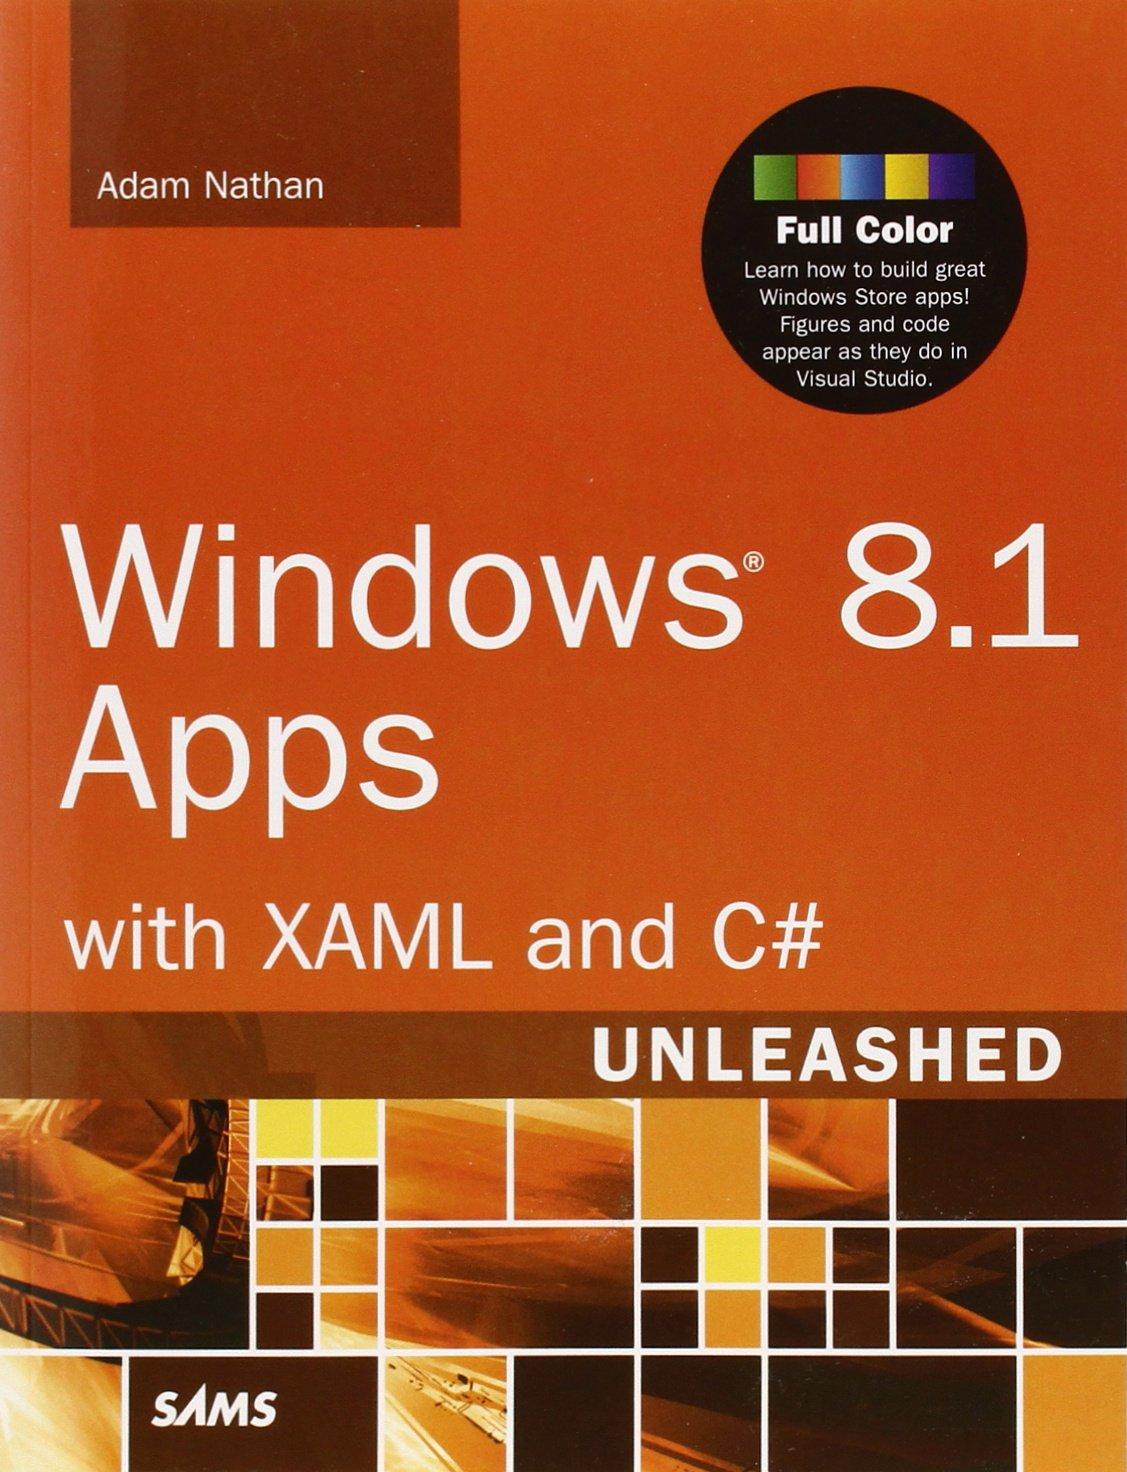 Windows 8.1 Apps with XAML and C# Unleashed: Amazon.es: Adam Nathan: Libros  en idiomas extranjeros